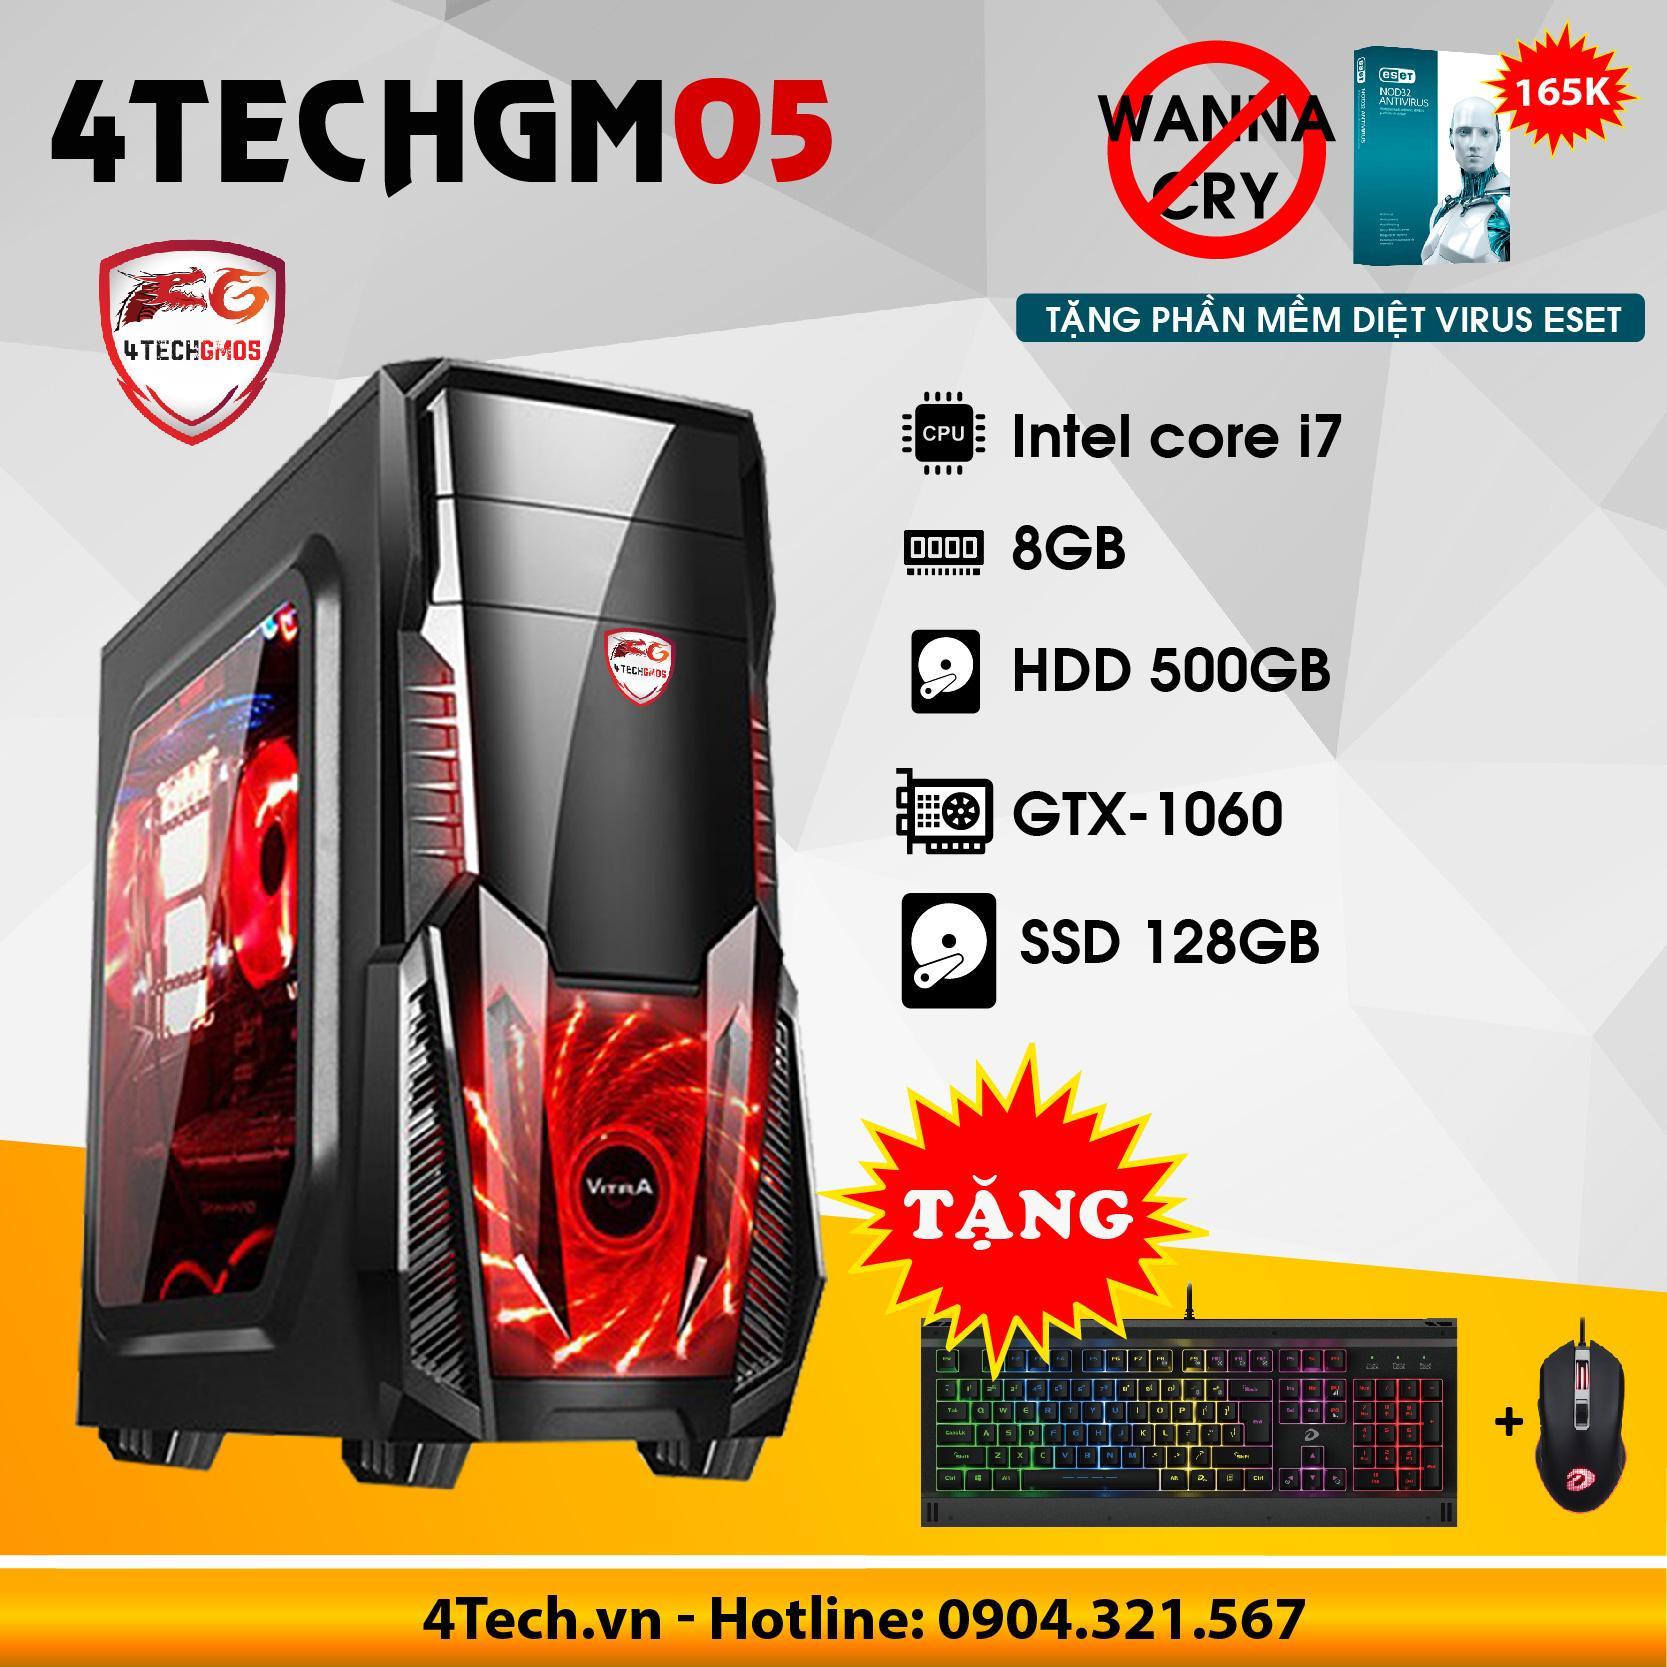 Hình ảnh Máy tính chơi Game 4TechGM05 core i7, ram 8GB, HDD 500G, SSD 128GB, vga GTX1060 - Tặng phím chuột Gaming DareU.